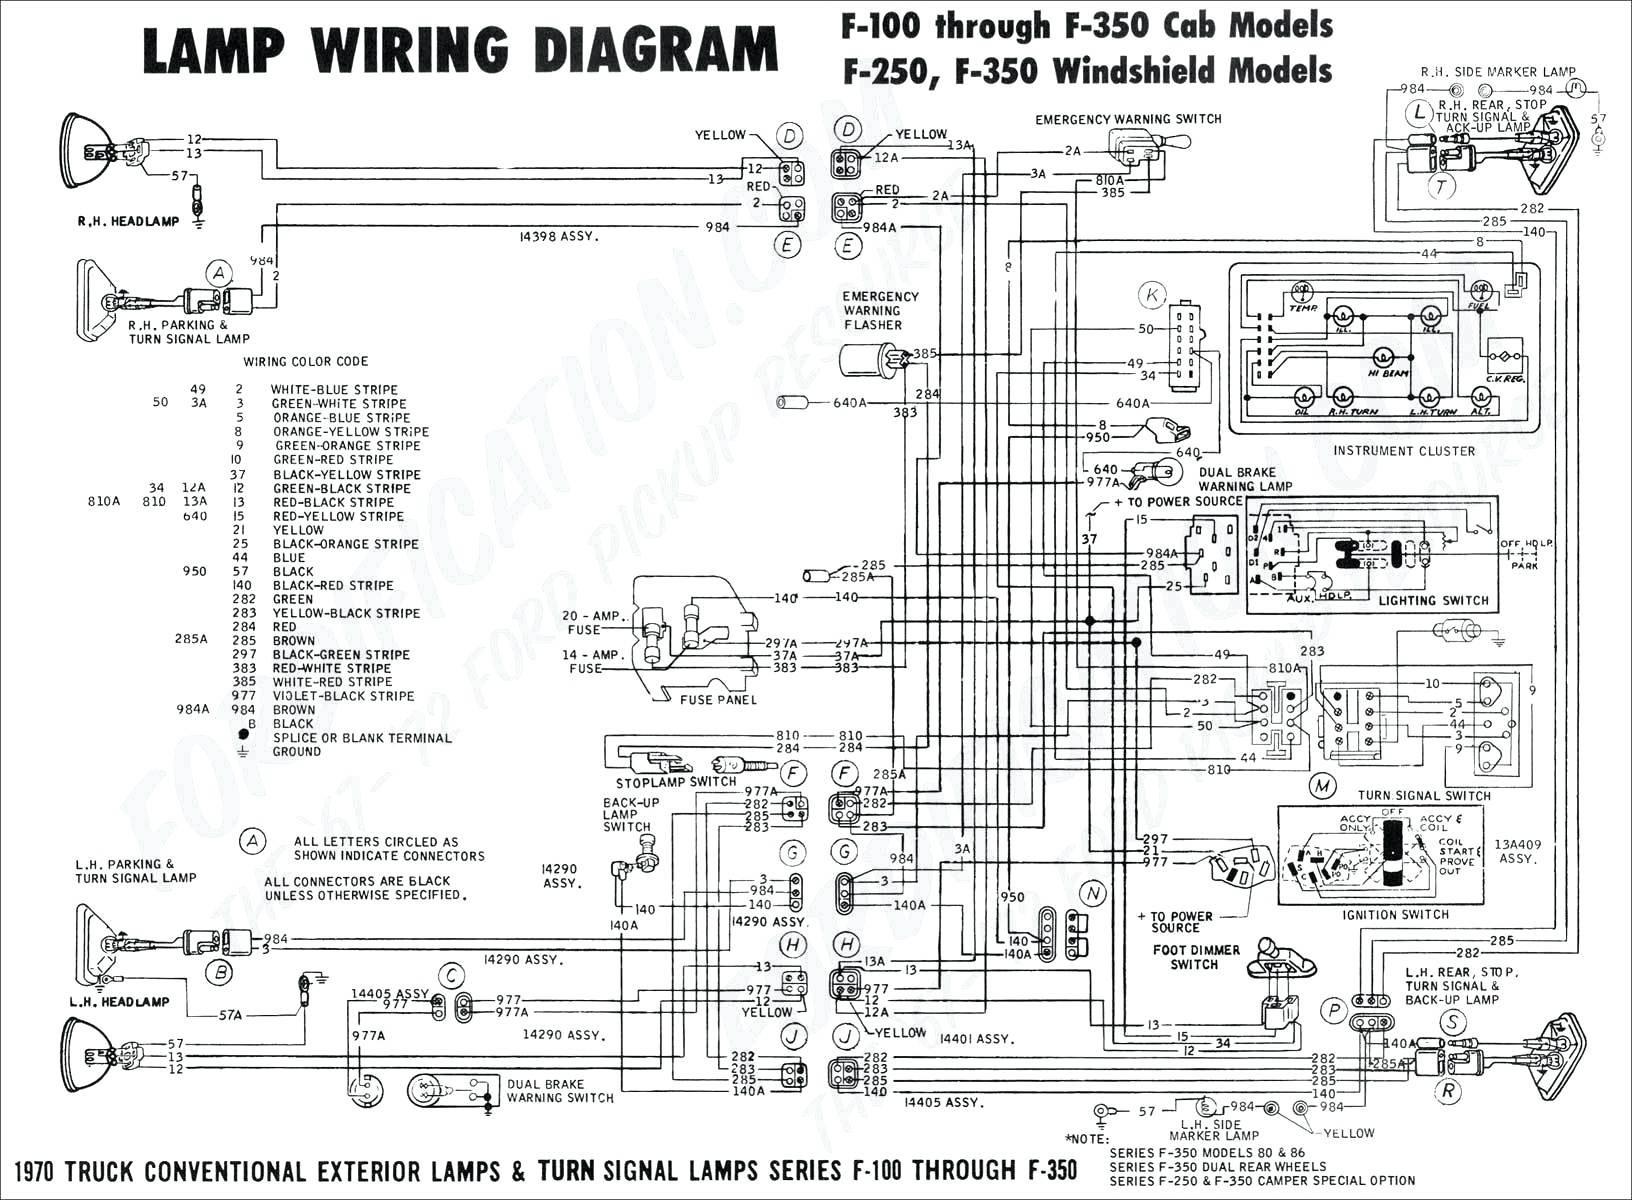 1993 jeep wrangler wiring diagram electrical diagram schematics rh zavoral genealogy 1993 mazda miata radio